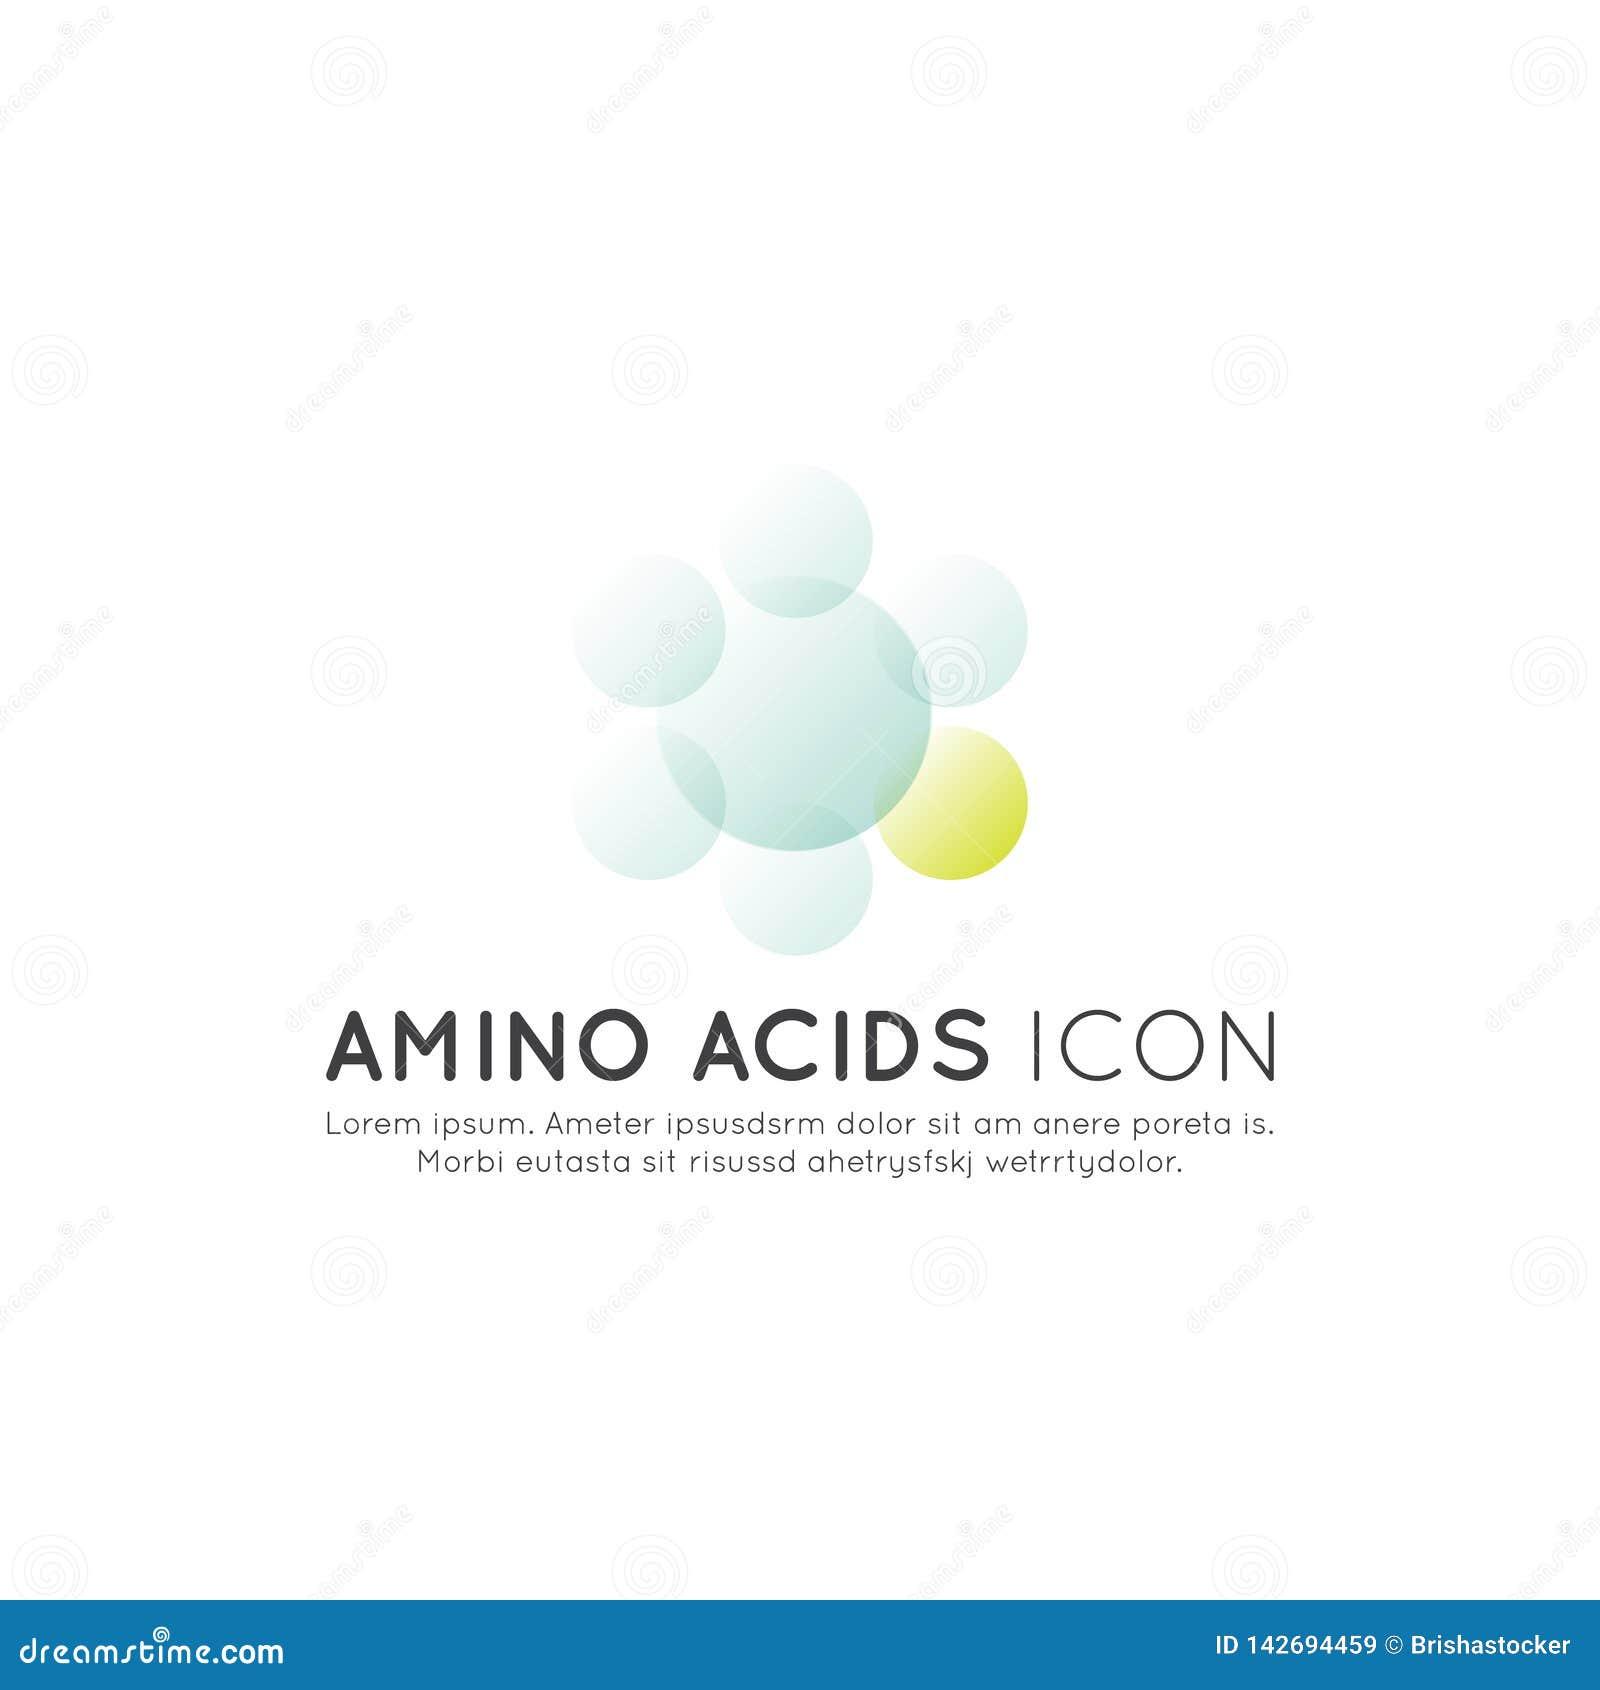 Logo nadprogramy, składniki, witaminy i elementy dla życiorys pakunek etykietek jedzenia, - Amino kwasy